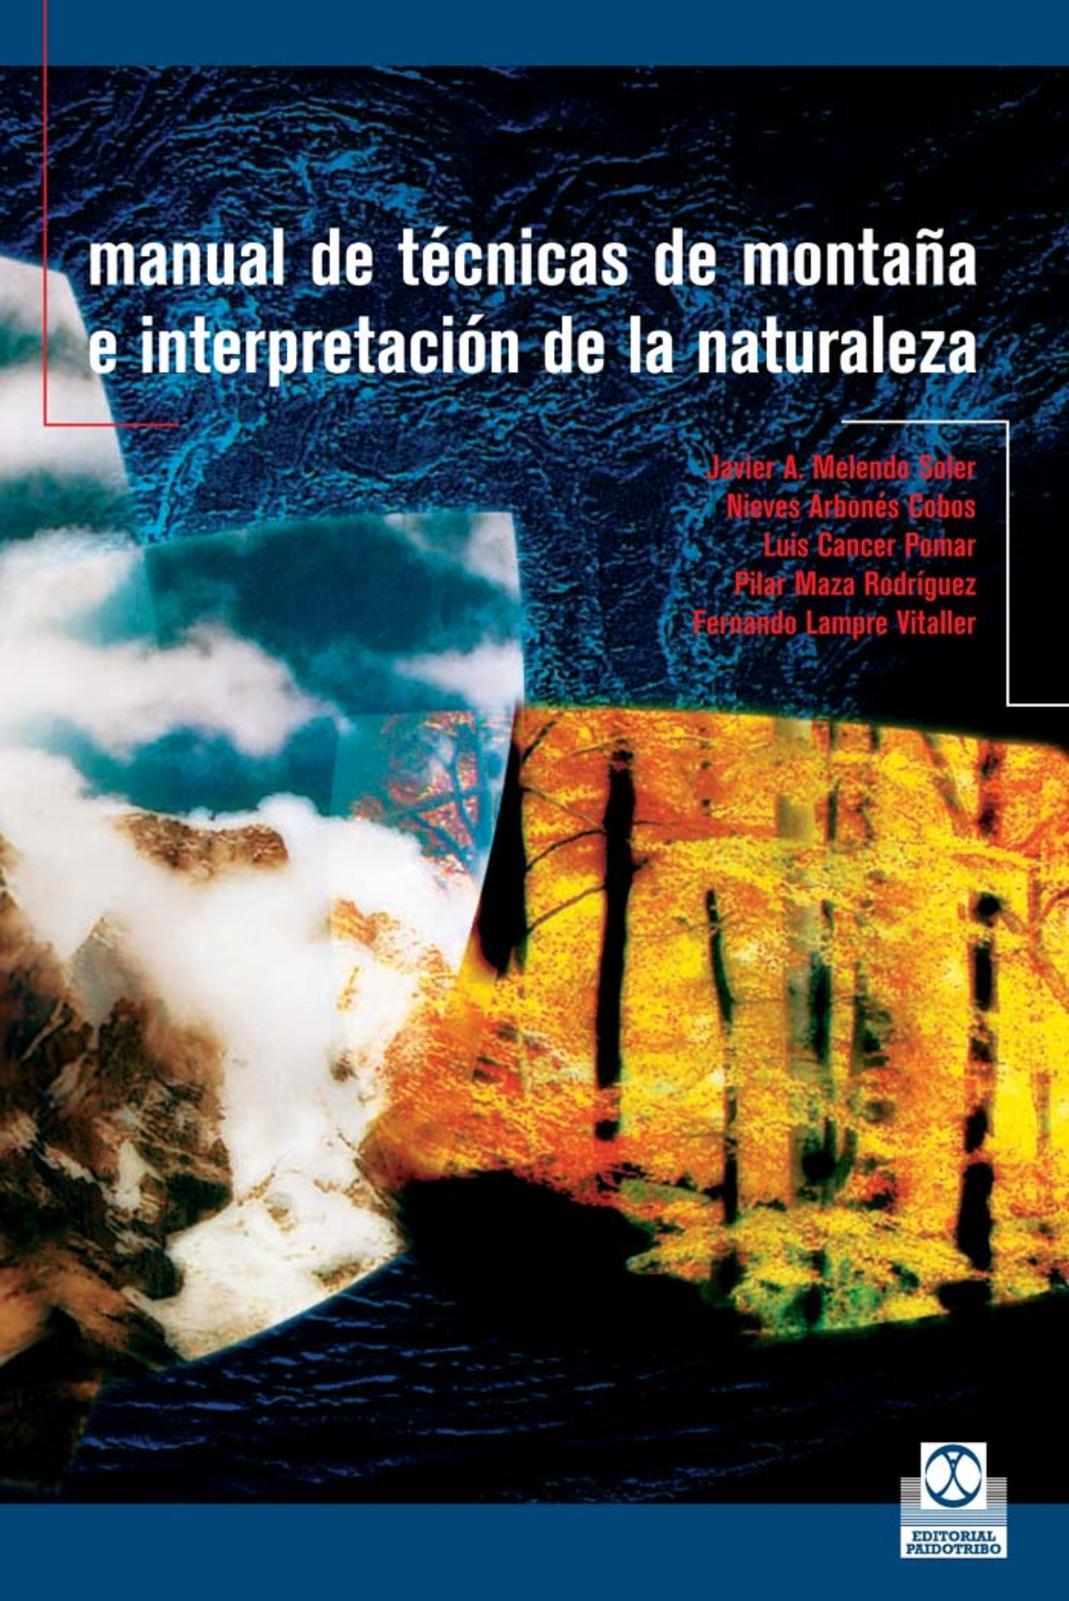 9720a5641fb Calaméo - Manual De Tecnicas De Montaña E Interpretacion De La Naturaleza